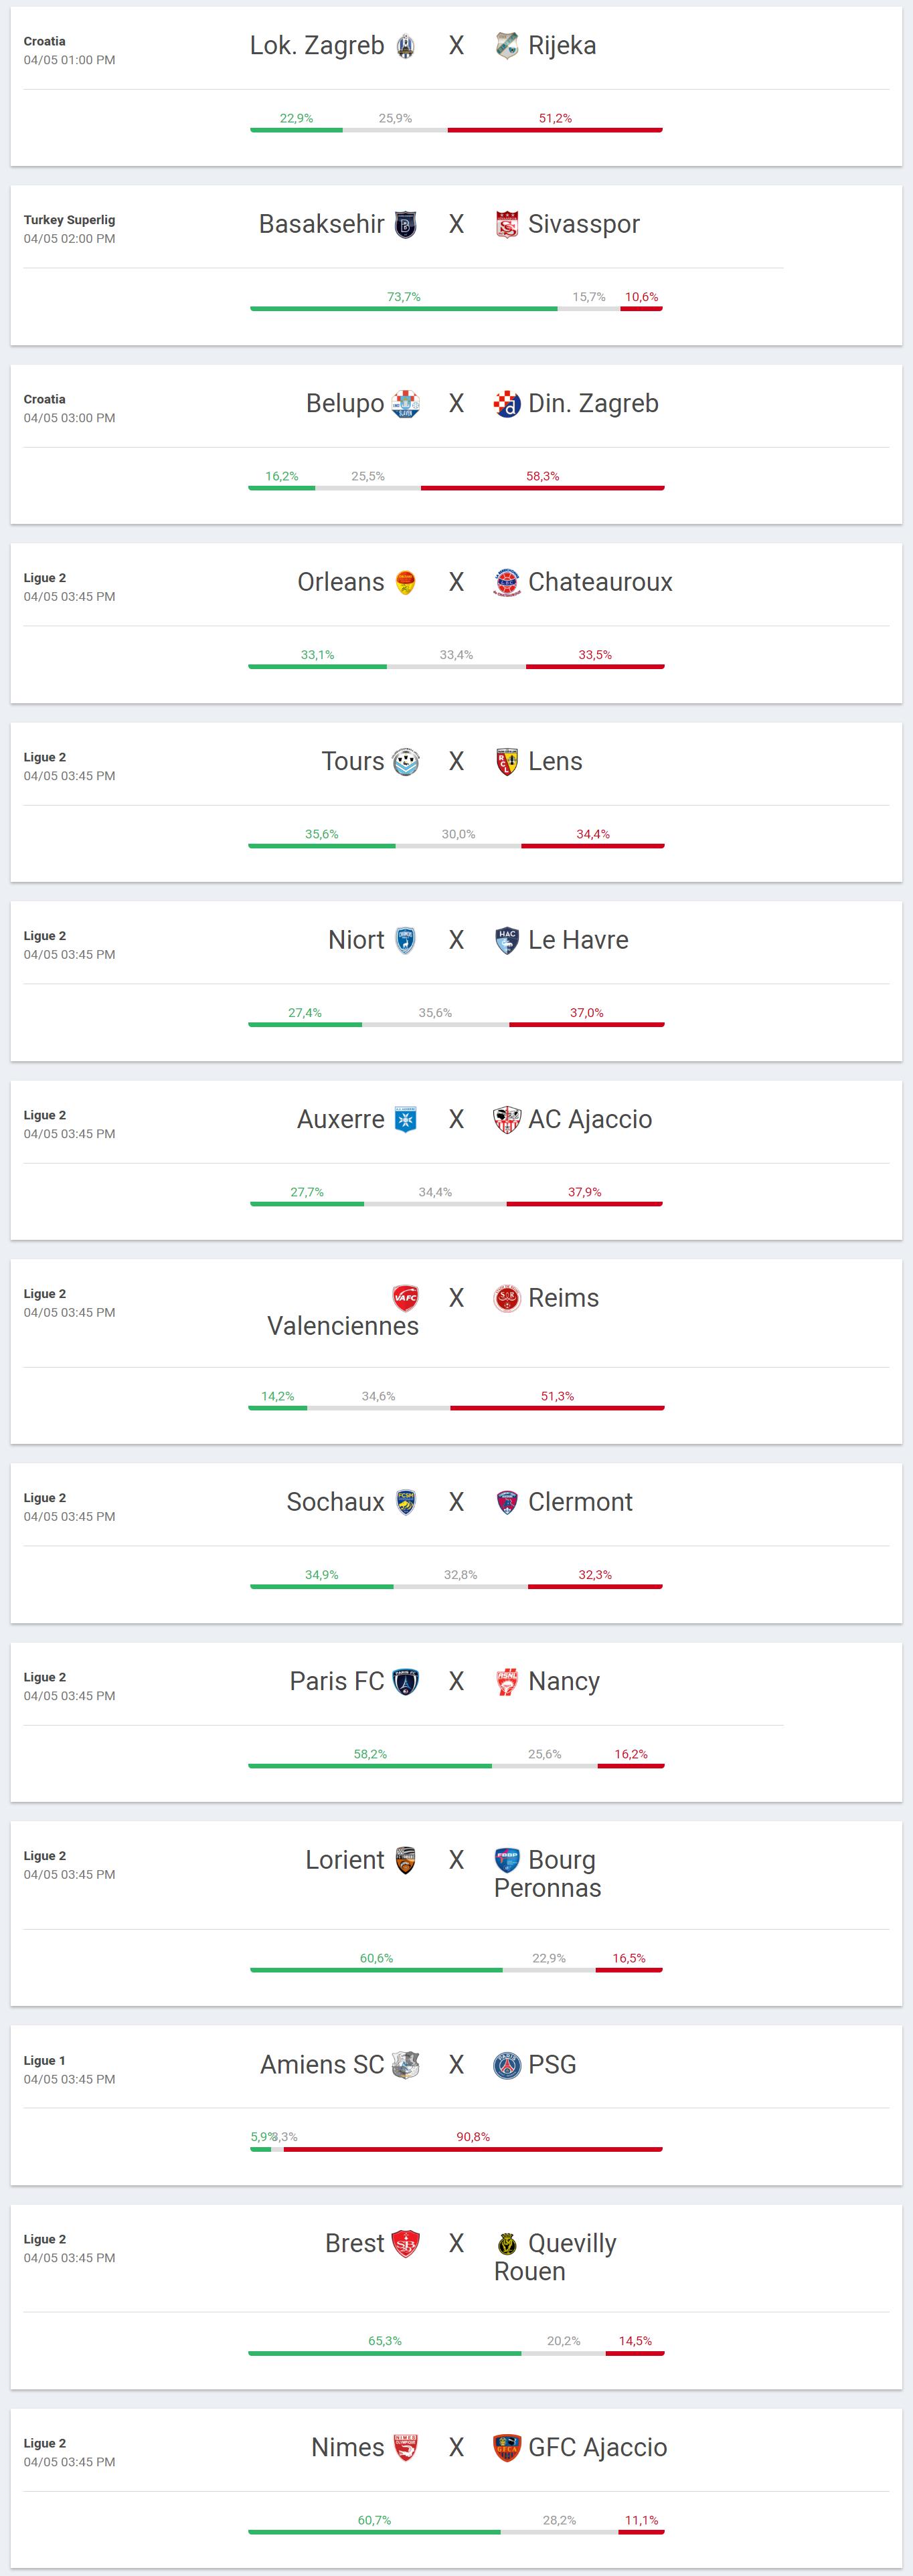 Tabela de apostas desportivas